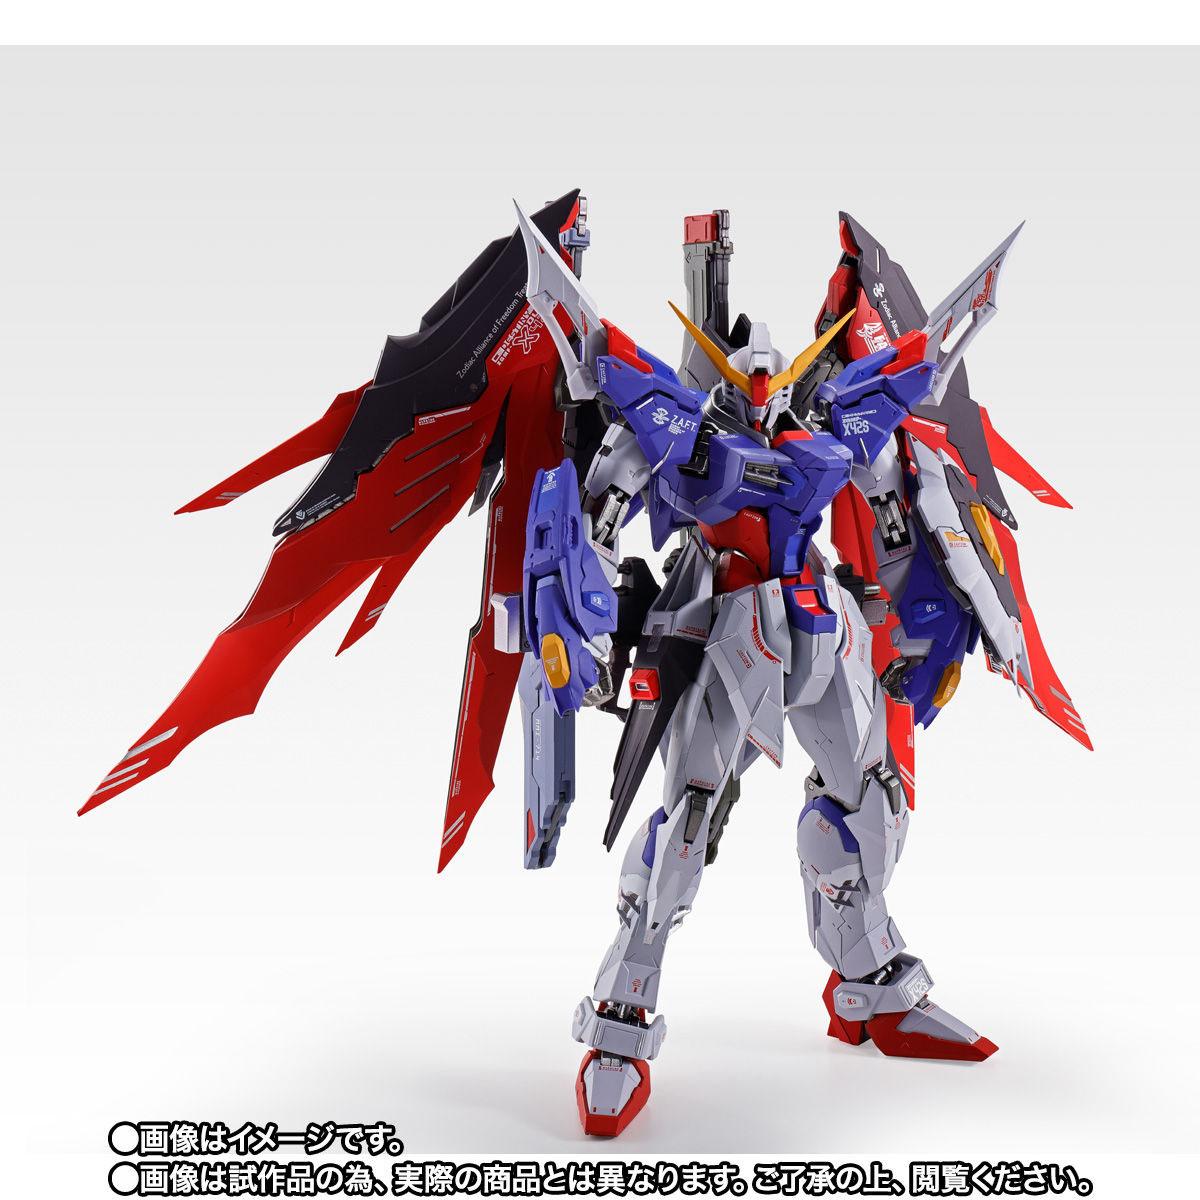 【限定販売】METAL BUILD『デスティニーガンダム SOUL RED Ver.』機動戦士ガンダムSEED DESTINY 可動フィギュア-003